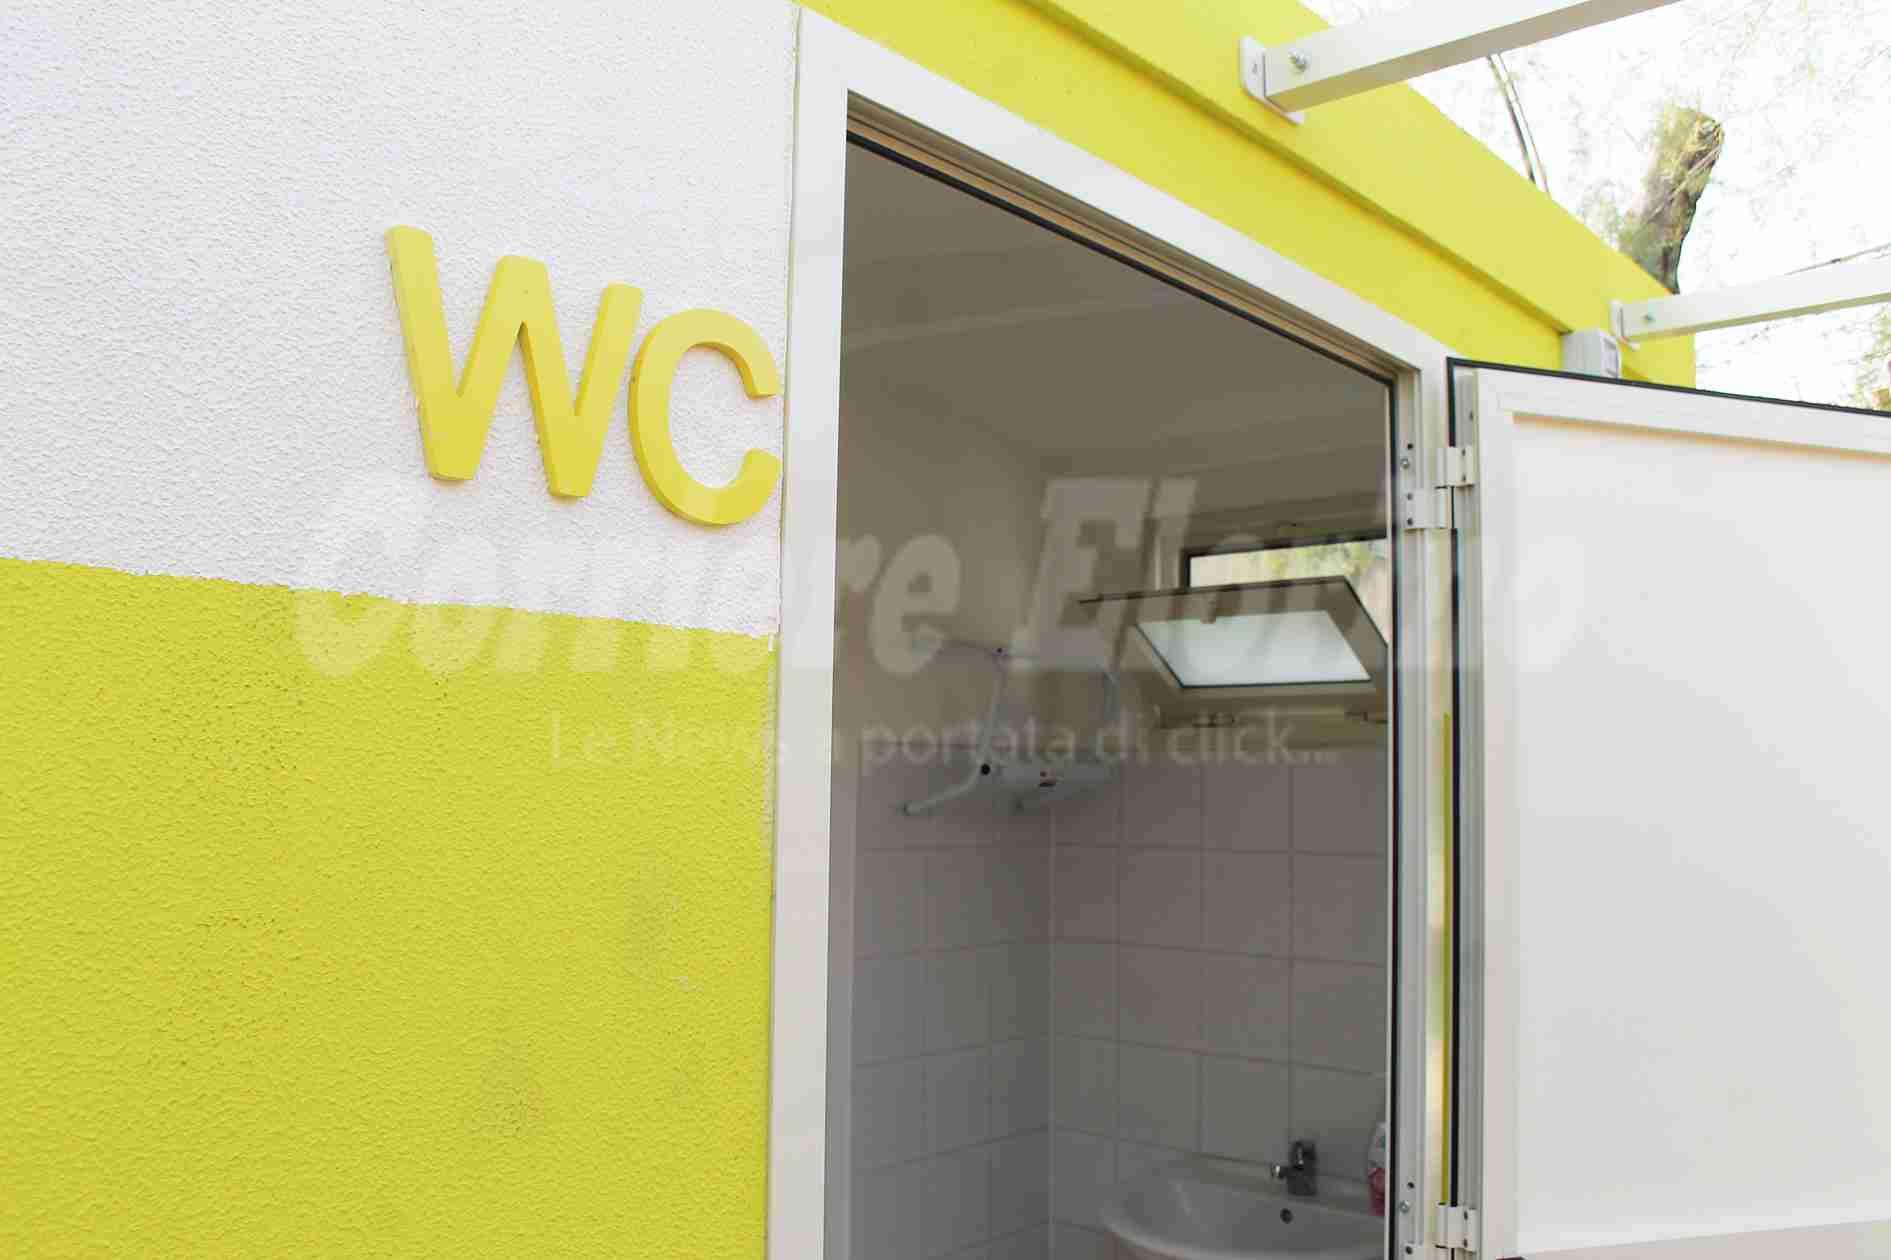 Pulizia e vigilanza bagni pubblici, il Comune cerca volontari a 200 euro al mese